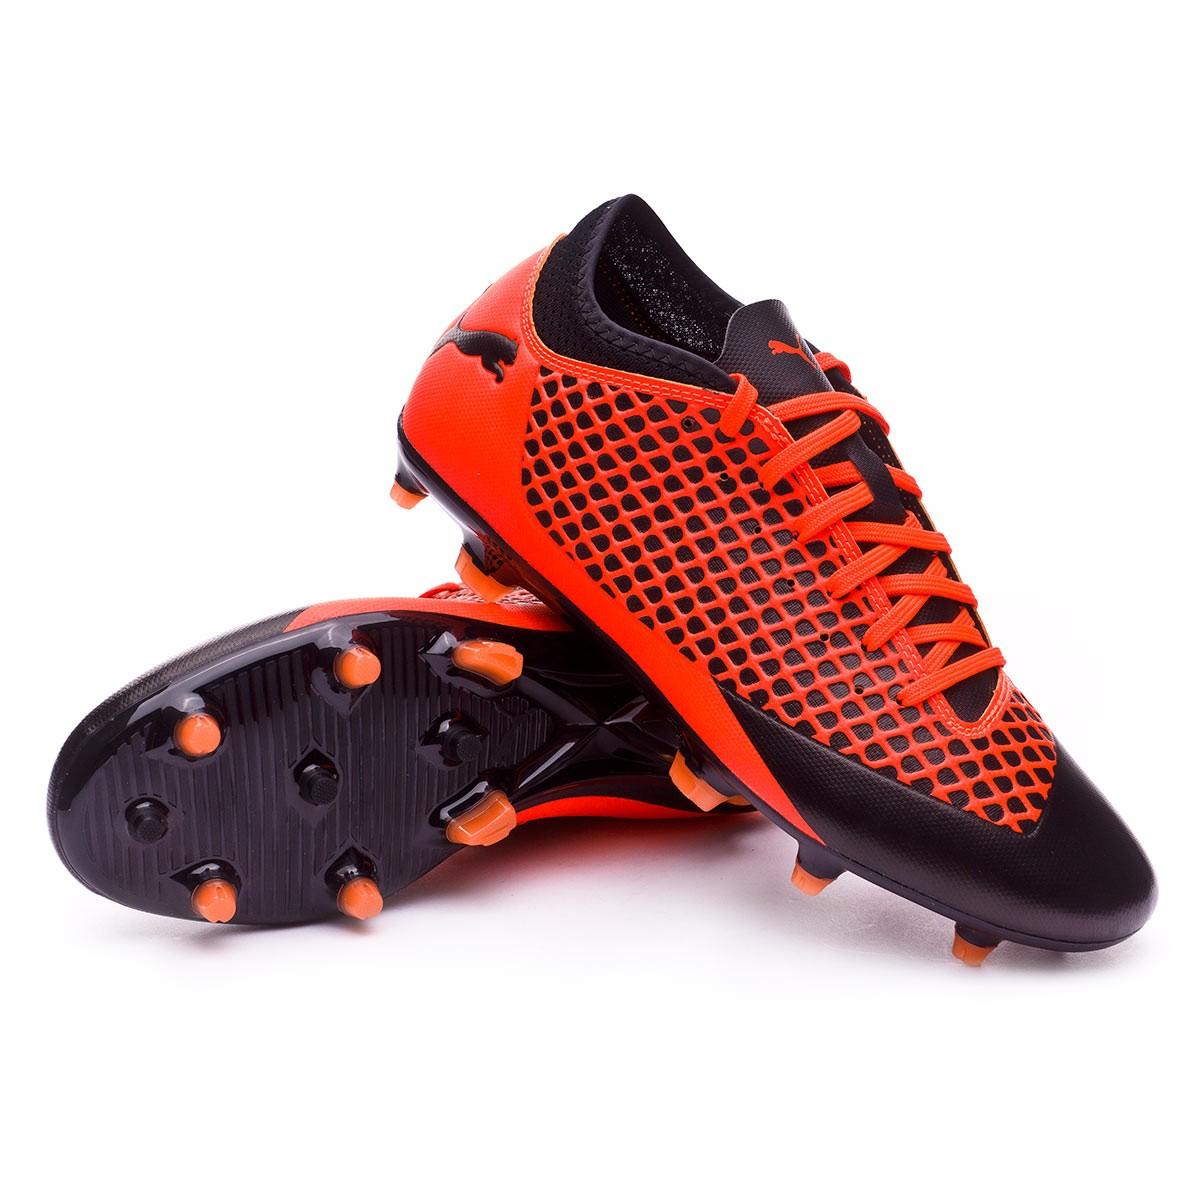 f35e5b54e Football Boots Puma Future 2.4 FG/AG Puma black-Shocking orange ...